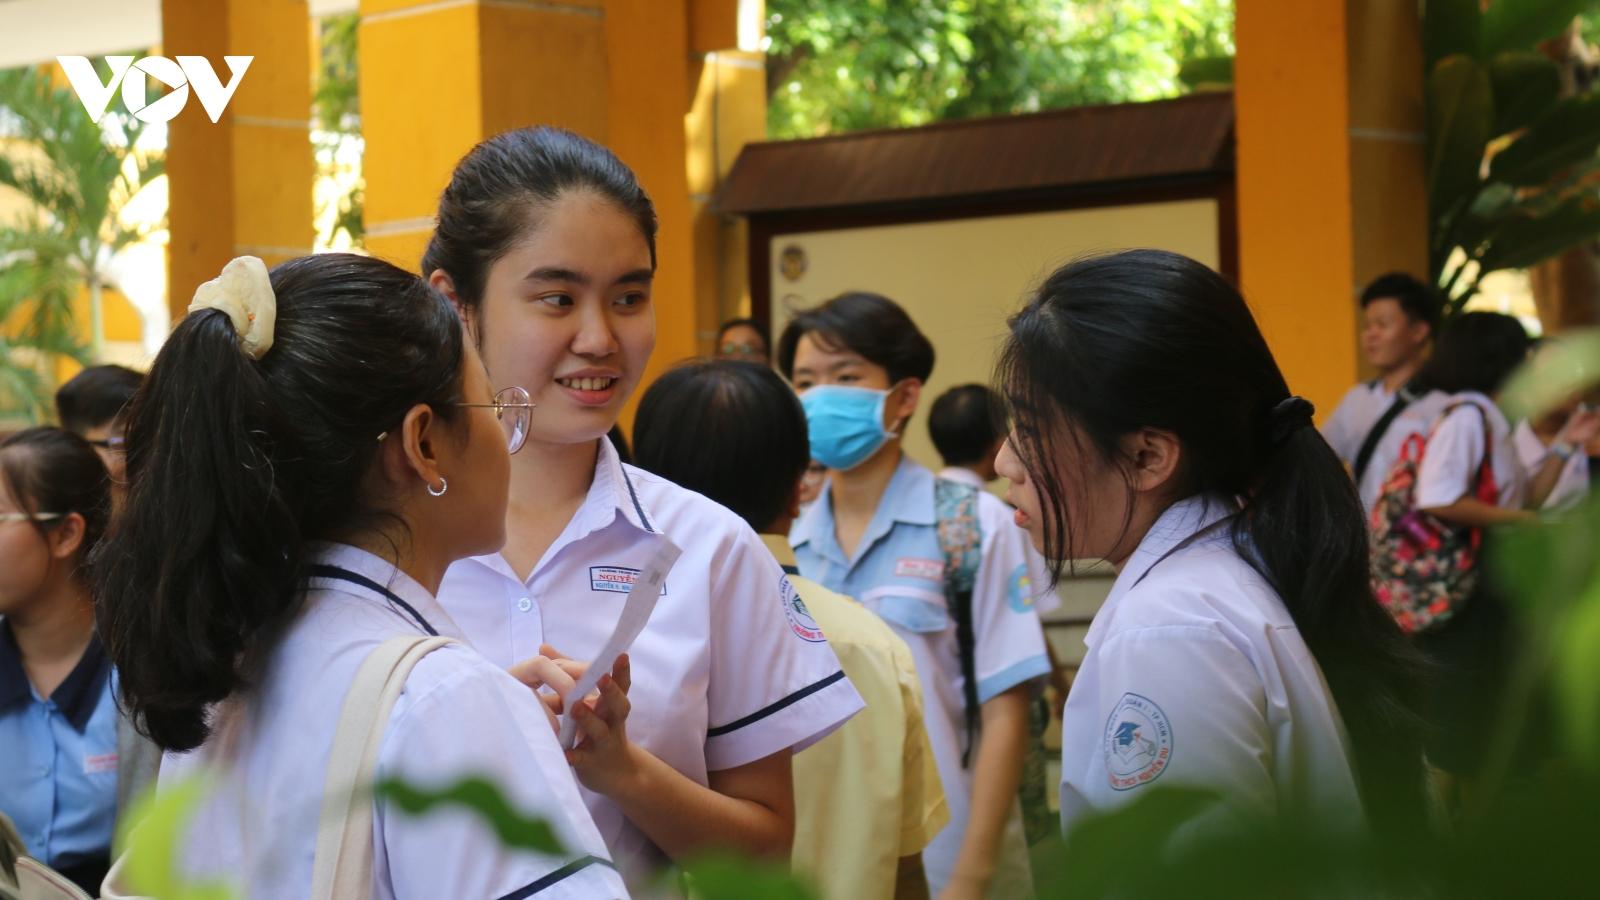 TP.HCM chốt phương án tuyển sinh vào lớp 10 bằng hình thức xét tuyển